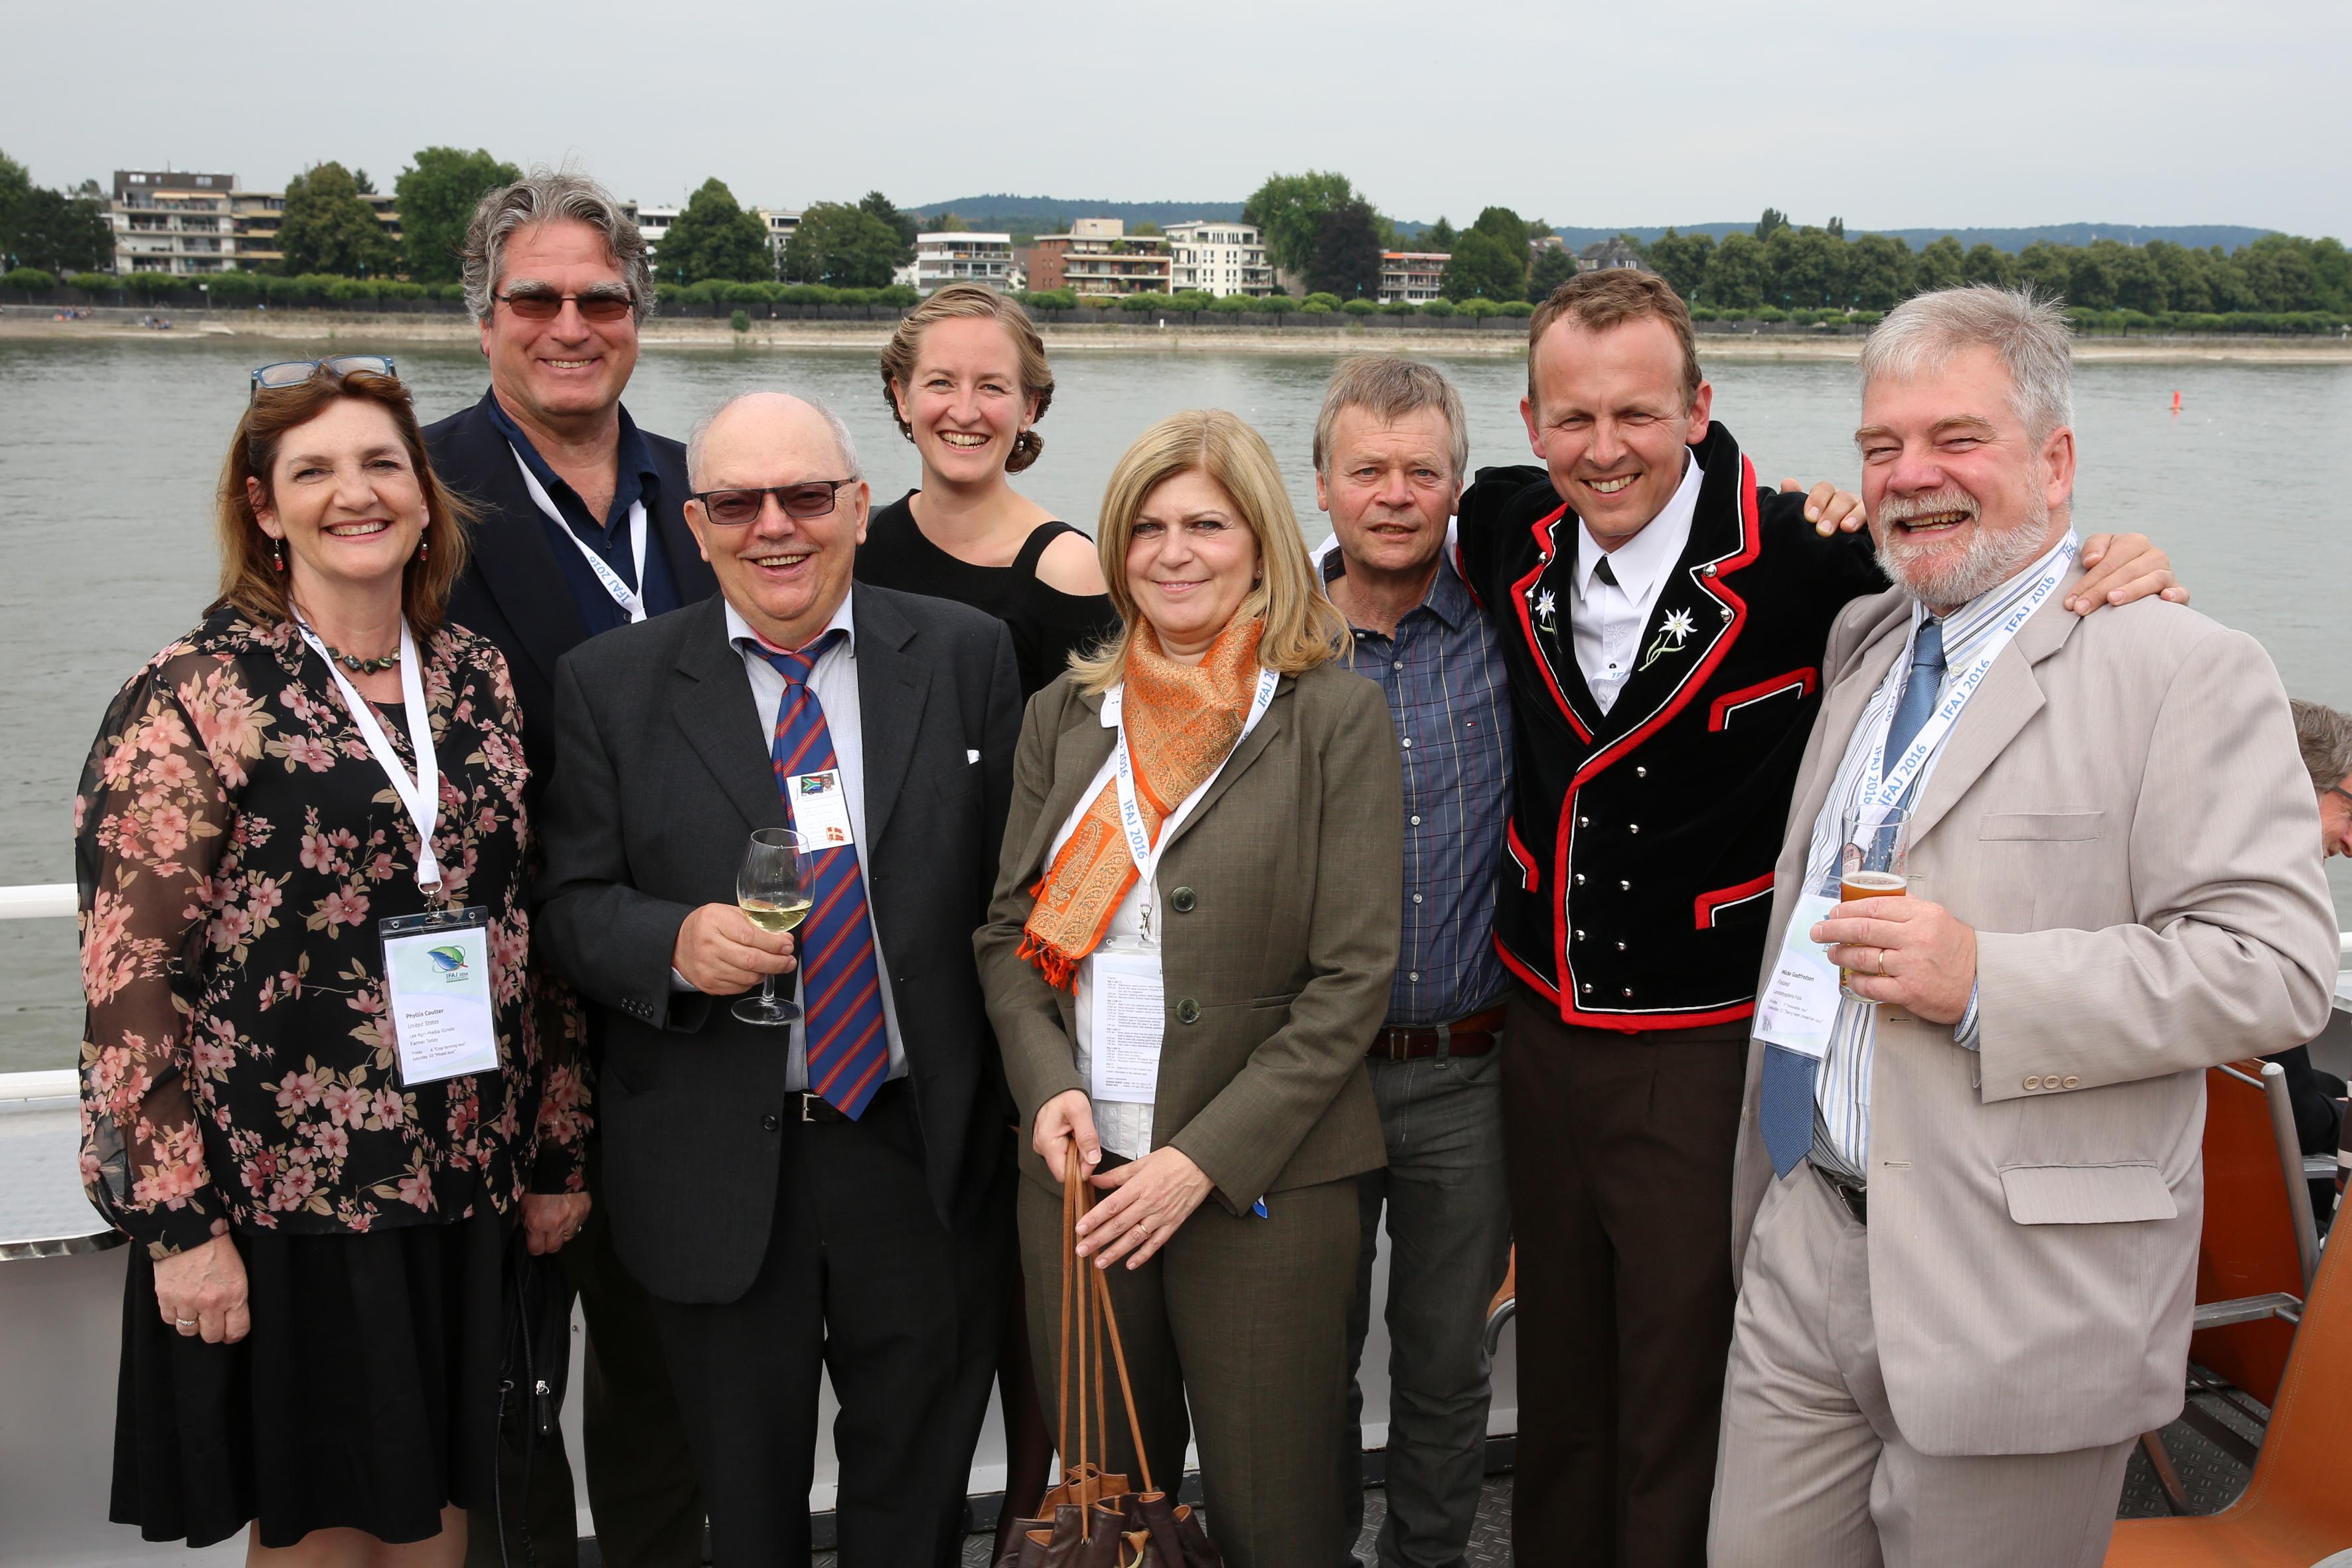 De Dansk-talende Journalister Fotograferet På MS Rheingold Af Martina Goyert.